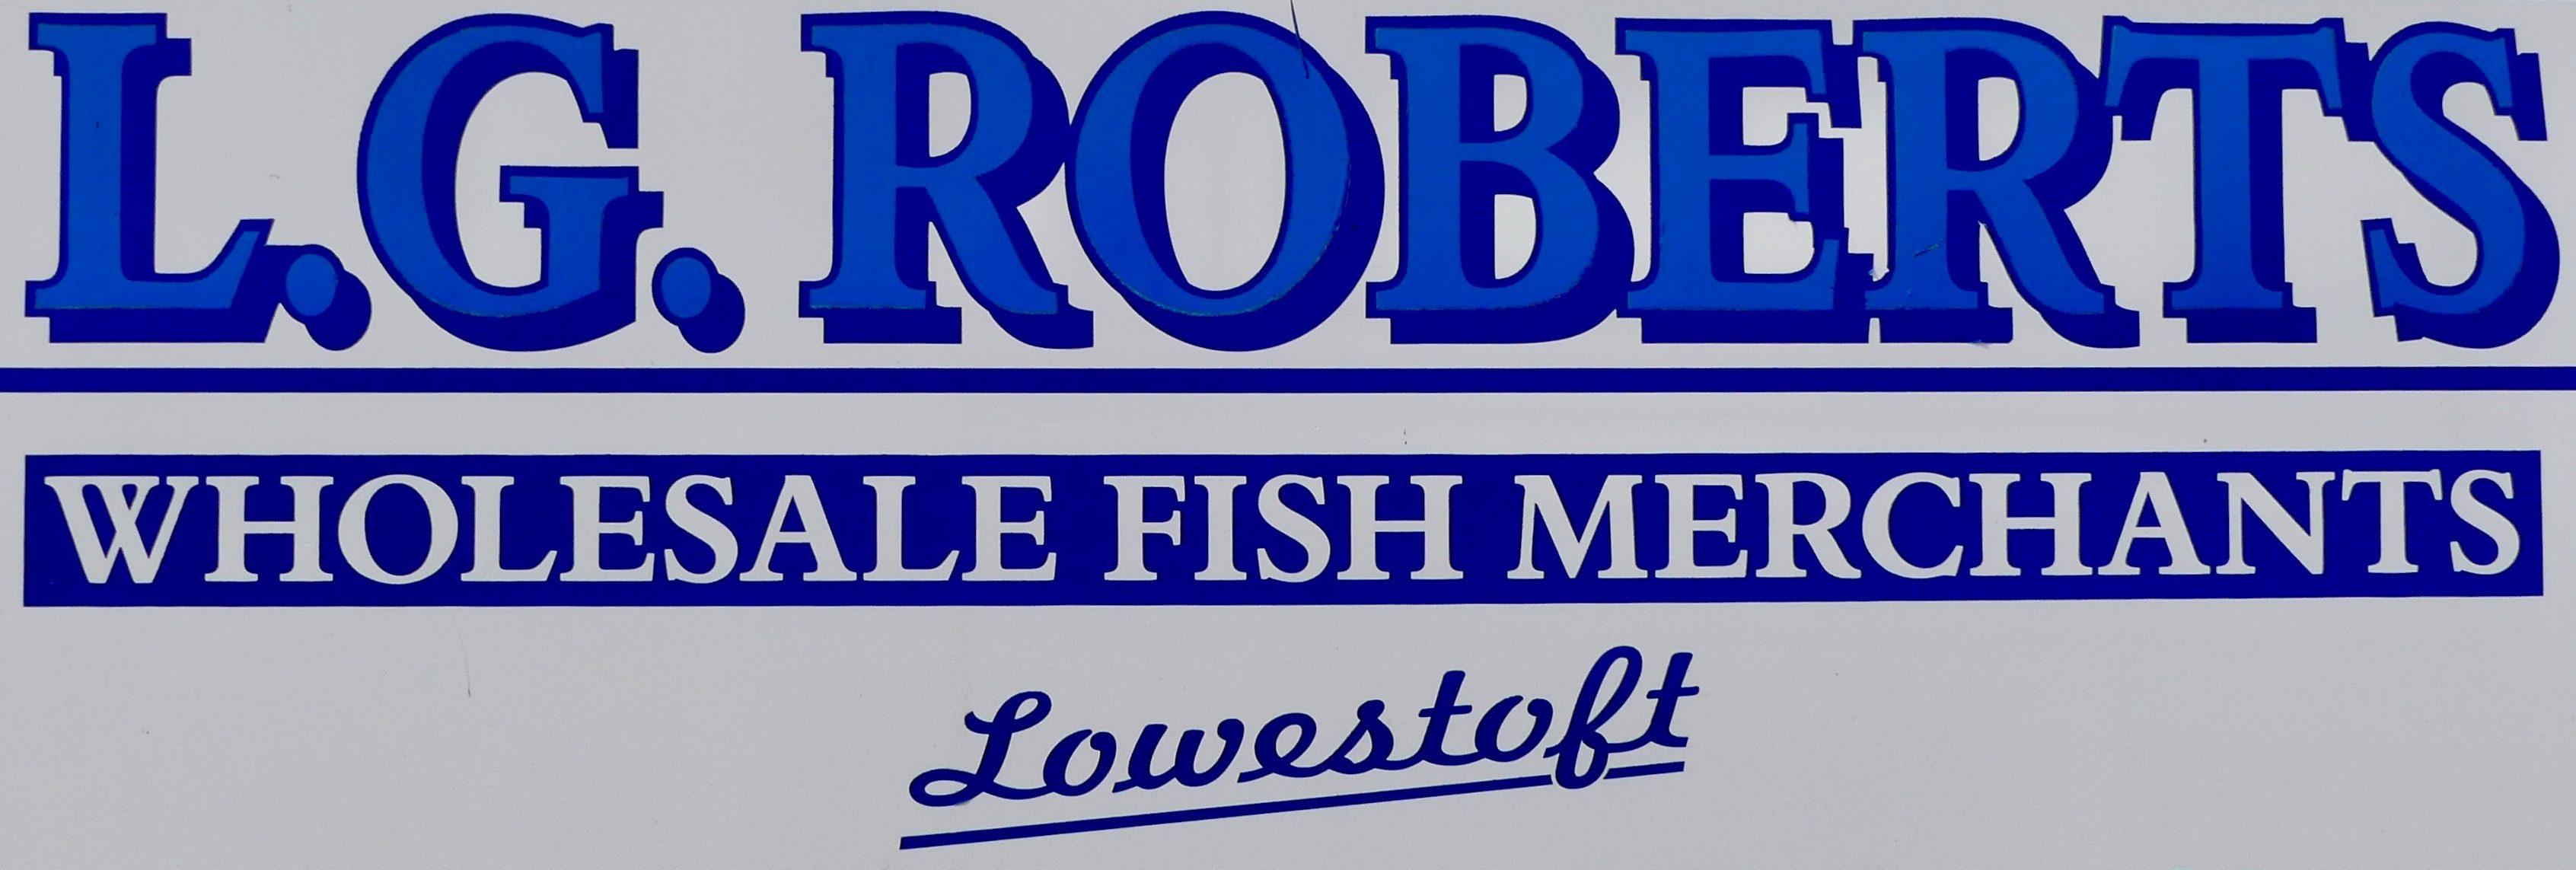 L G Roberts Fish